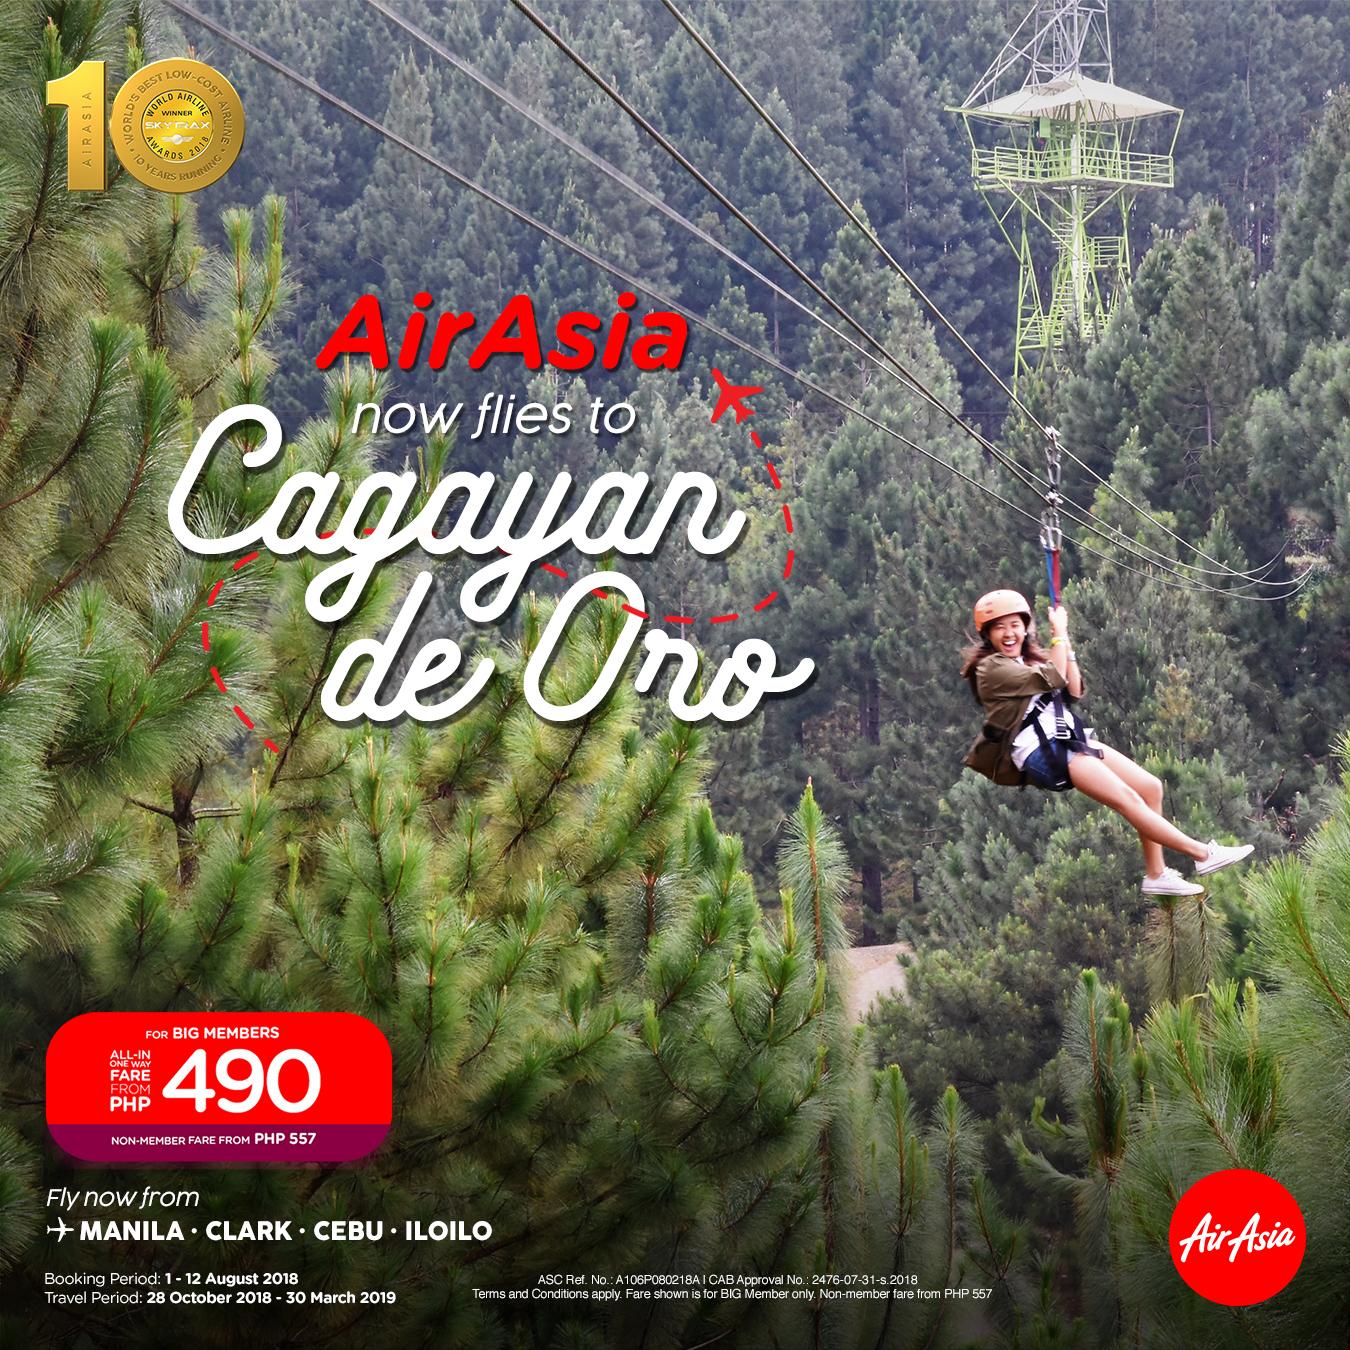 AirAsia Now Flies to Cagayan de Oro City